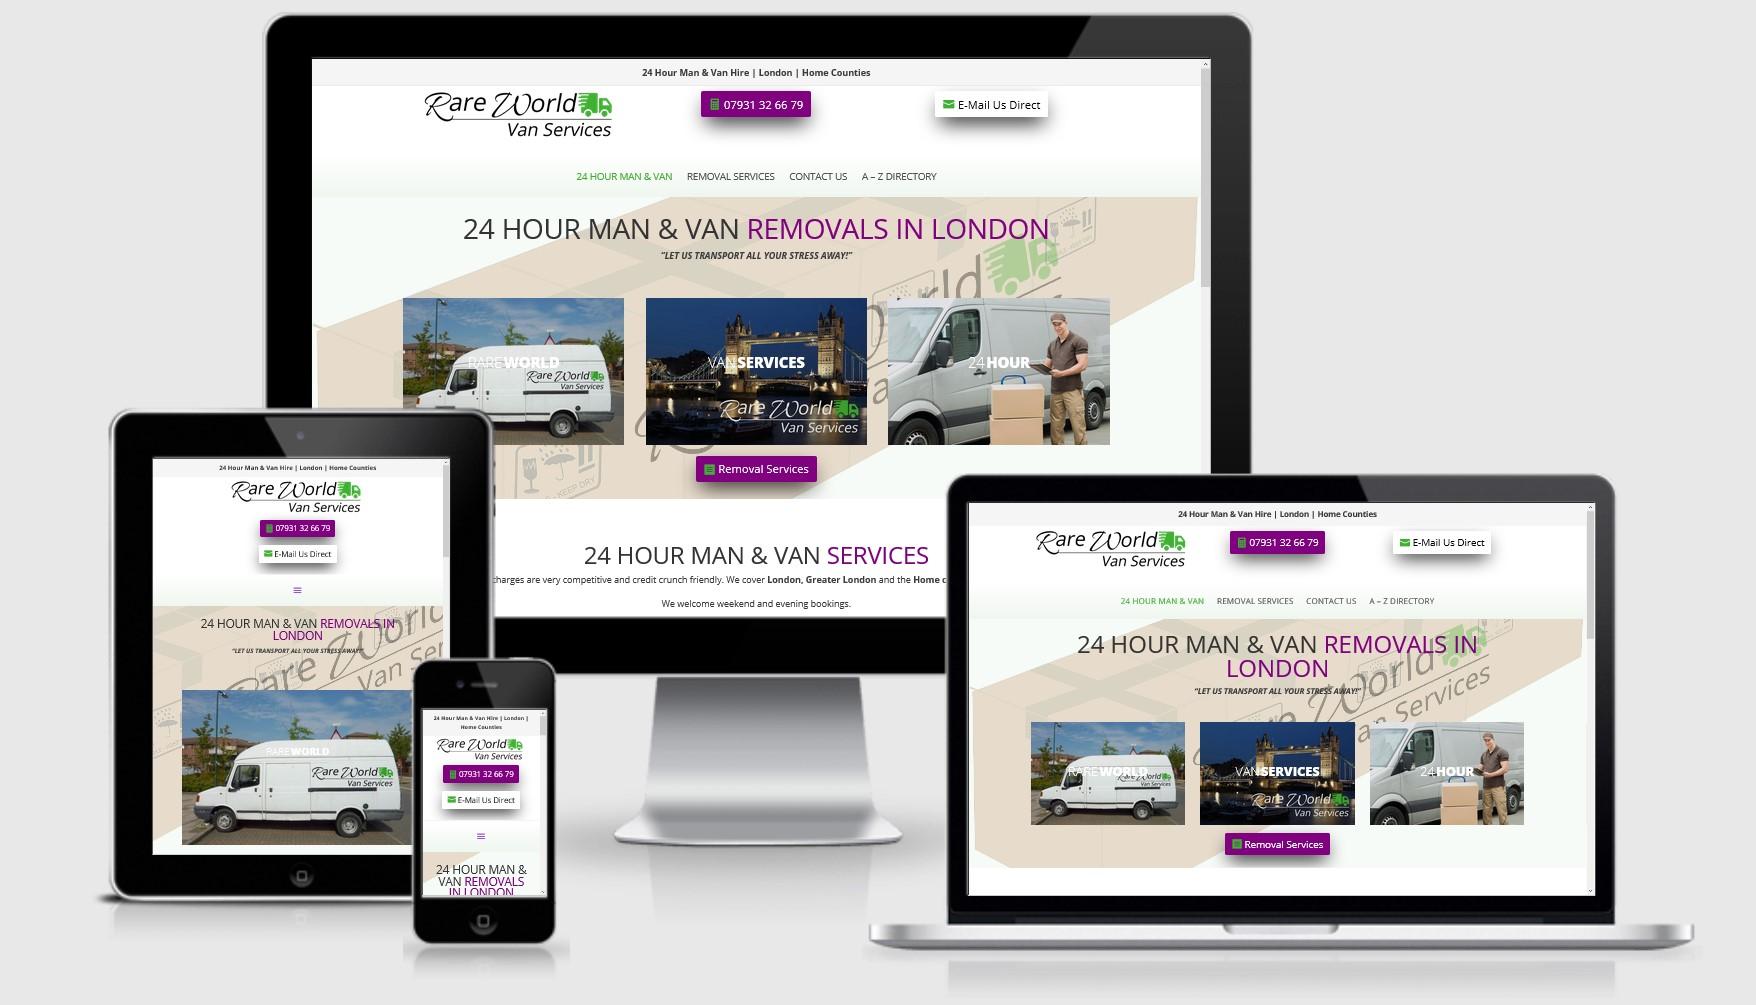 RareWorld Vans Website